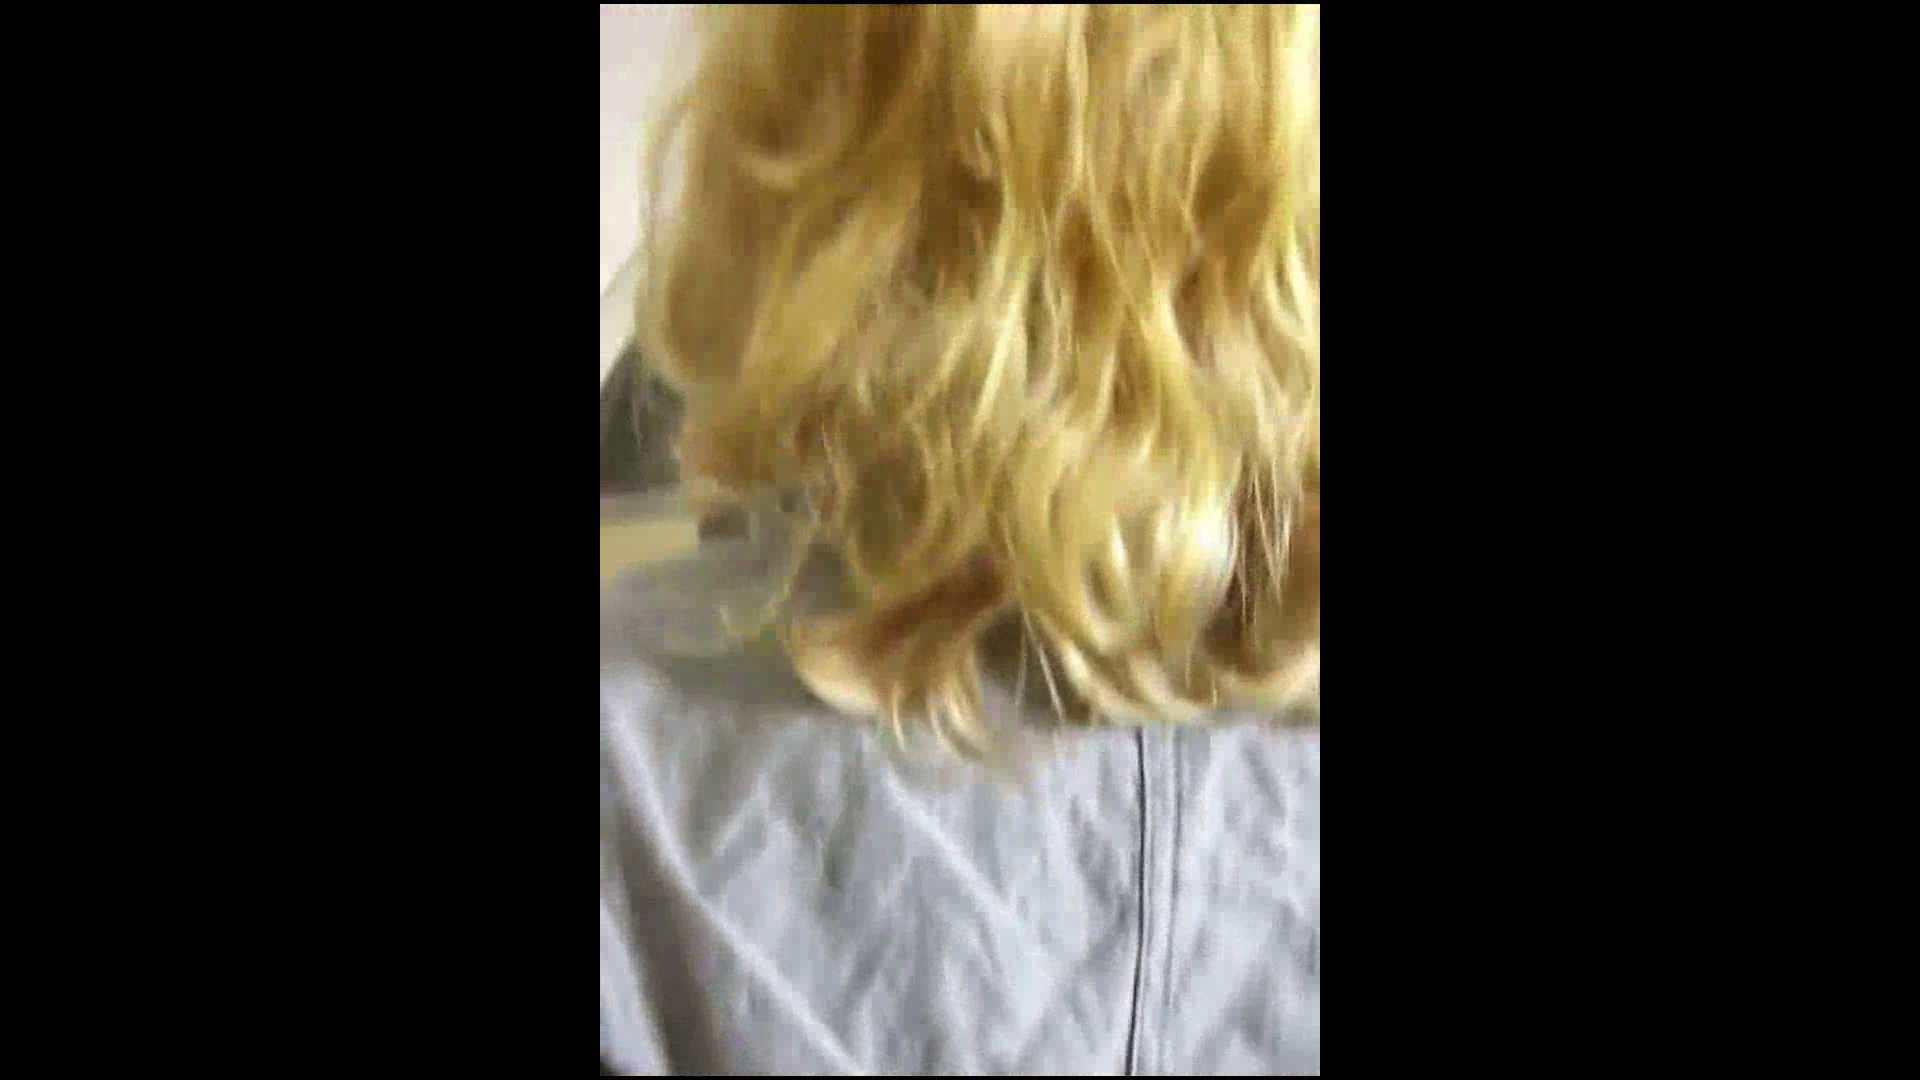 綺麗なモデルさんのスカート捲っちゃおう‼vol06 モデル おまんこ動画流出 103pic 62